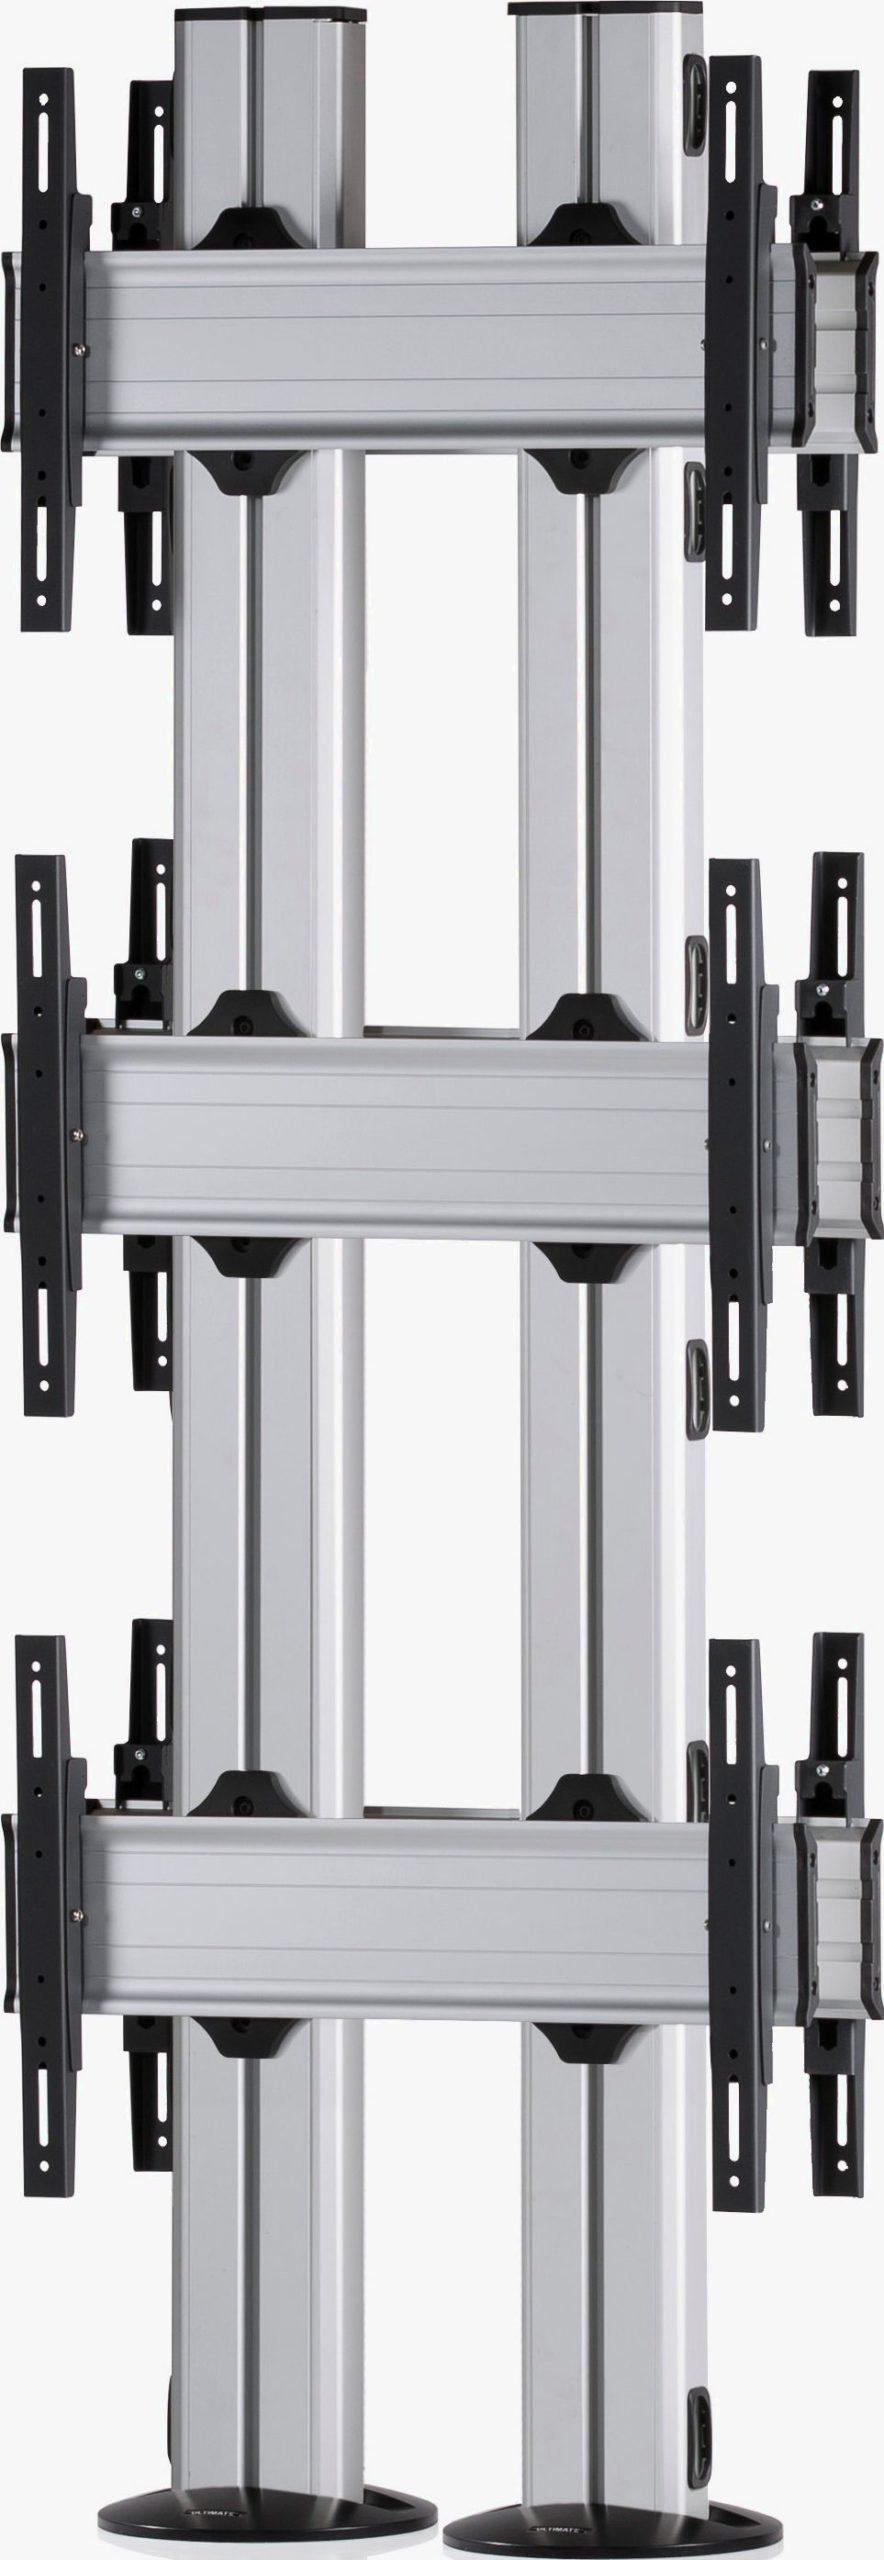 6 Displays 3×1 beidseitig, für große Bildschirme, Standard-VESA, zur Bodenbefestigung